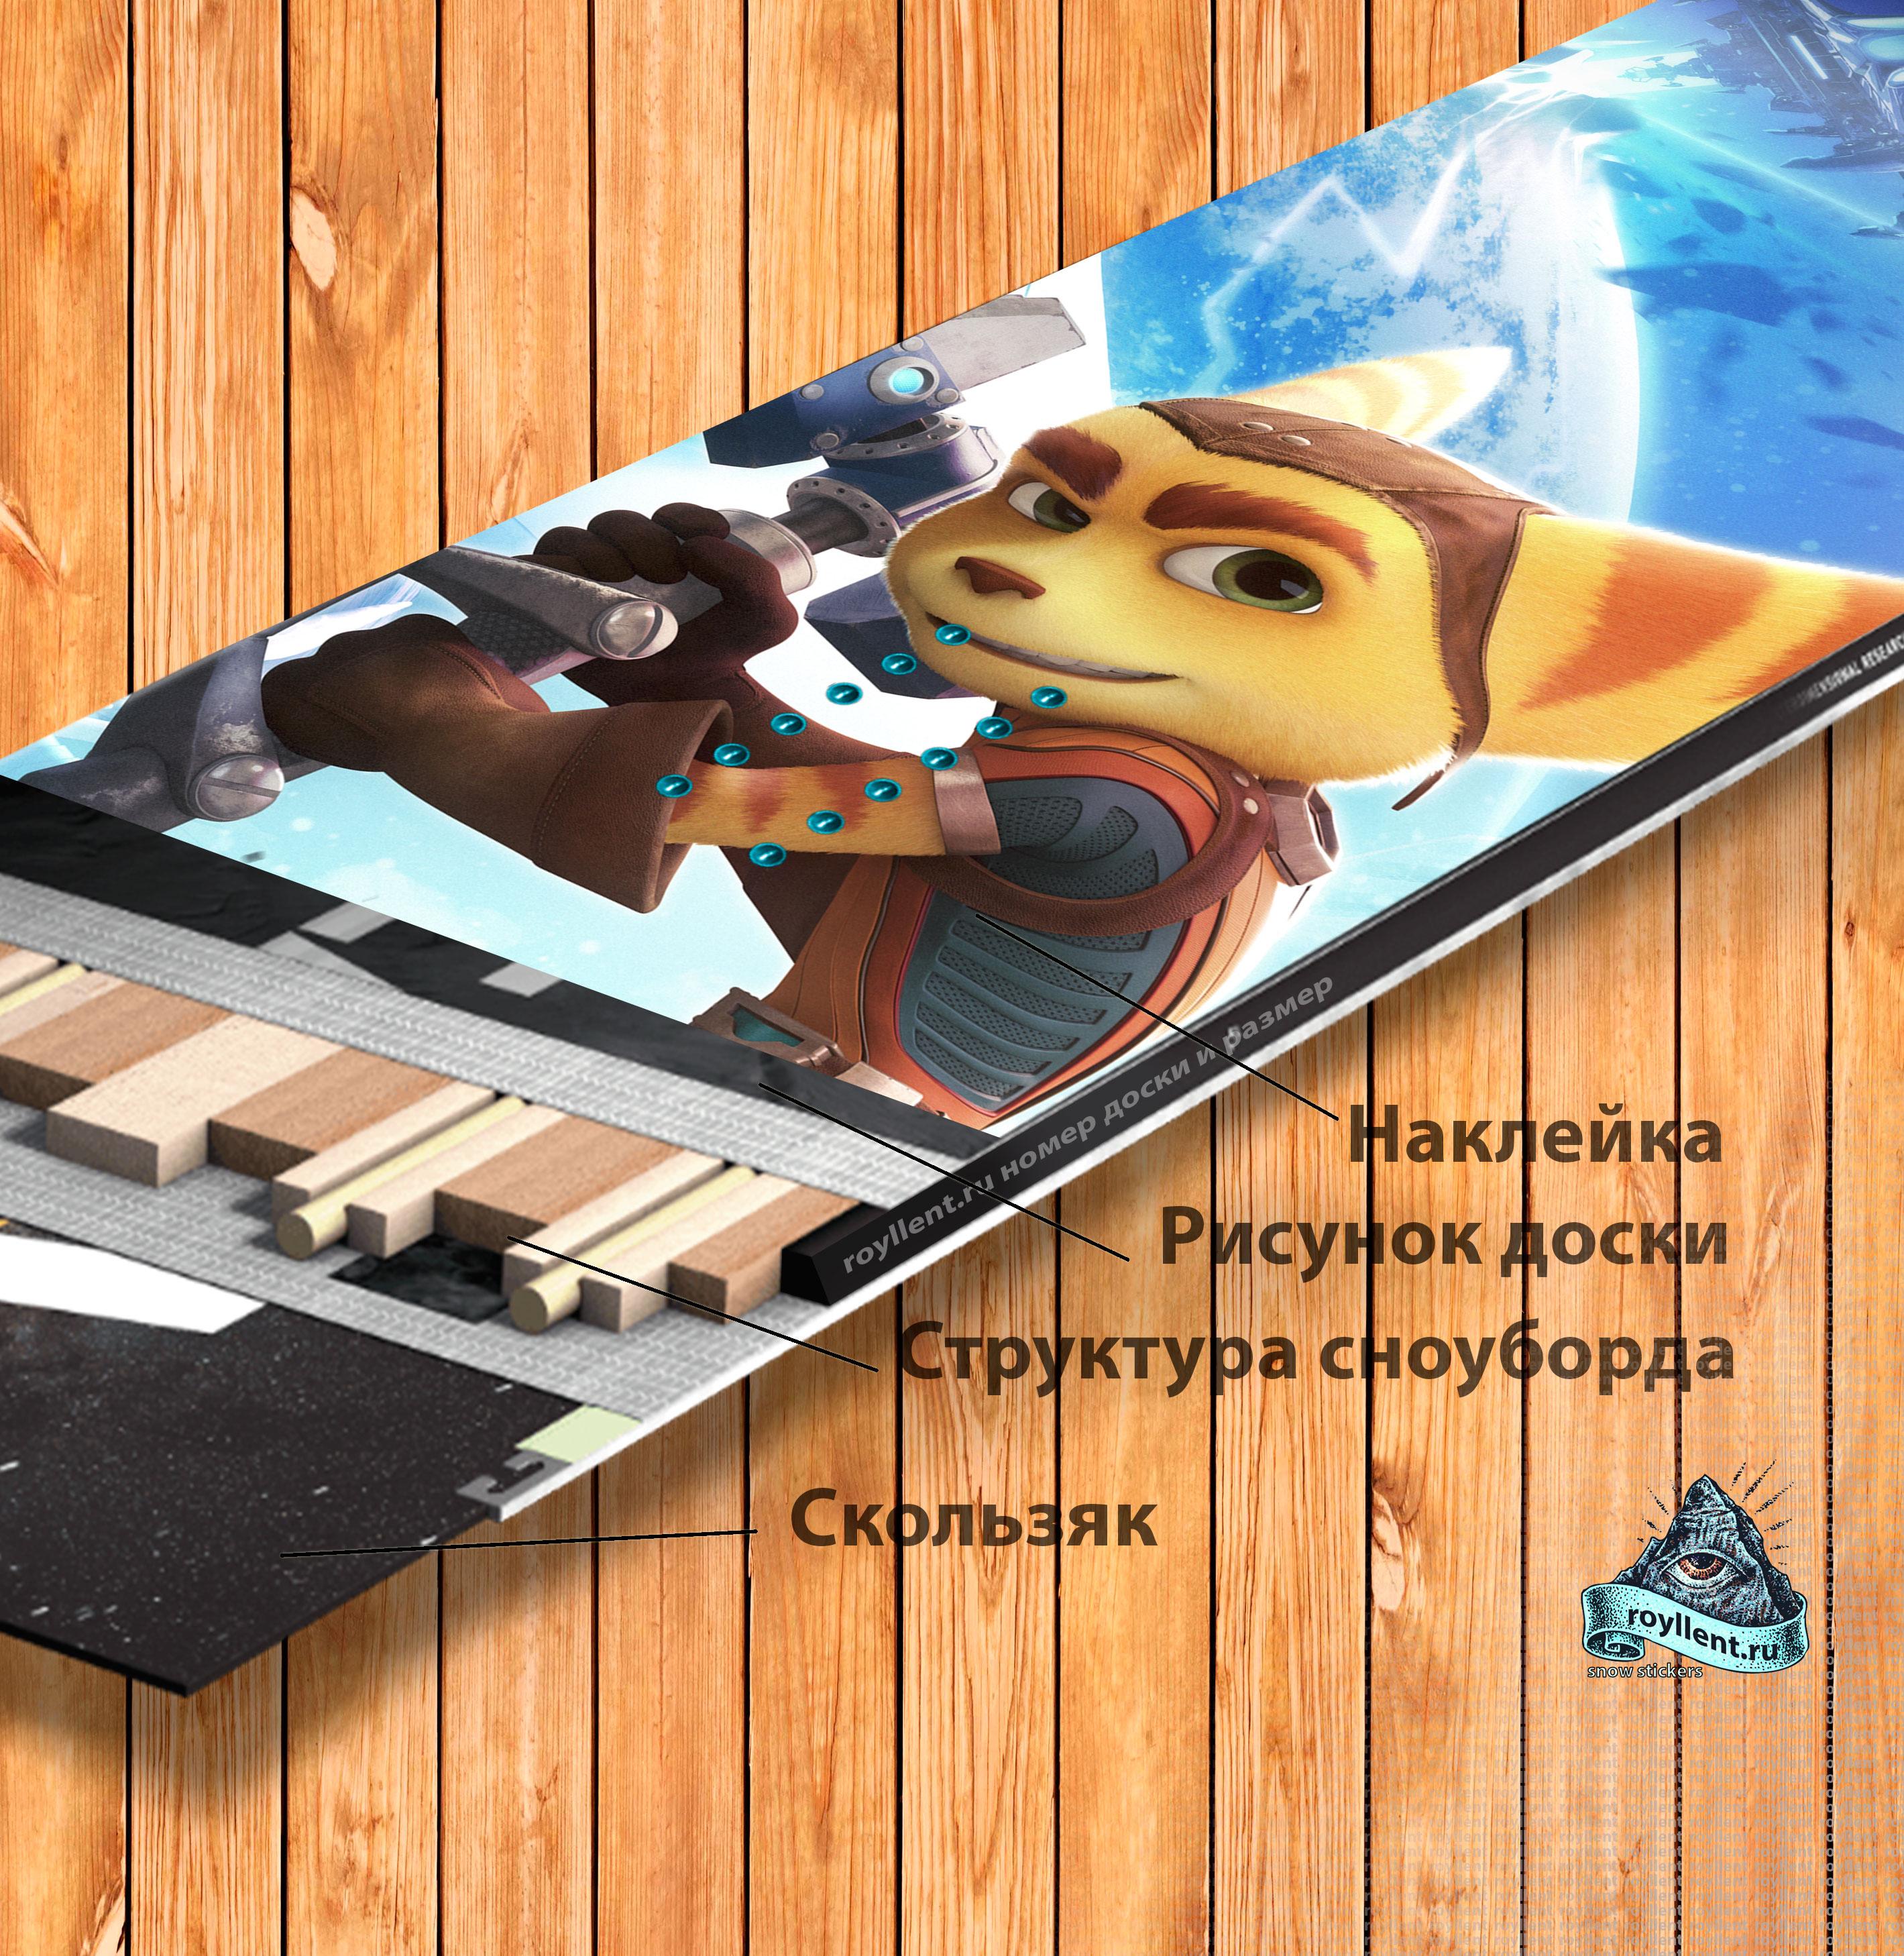 Наклейка Ratchet & Clank3 Snowboard skin, полноразмерная наклейка Ratchet & Clank Snowboard skin, наклейка на доску Ratchet & Clank Snowboard skin, сноуборд наклейка Ratchet & Clank Snowboard skin , виниловая наклейка Ratchet & Clank Snowboard skin, магазин наклеек компьютерных игр, купить наклейку Ratchet & Clank Snowboard skin, стикер Ratchet & Clank Snowboard skin, sticker Ratchet & Clank Snowboard skin, наклейка, Полноразмерная наклейка на сноуборд, спб, Ratchet & Clank Snowboard skin, Роза хутор наклейка, Шерегеш наклейка, Наклейка Хибины , Ratchet & Clank Snowboard wrap